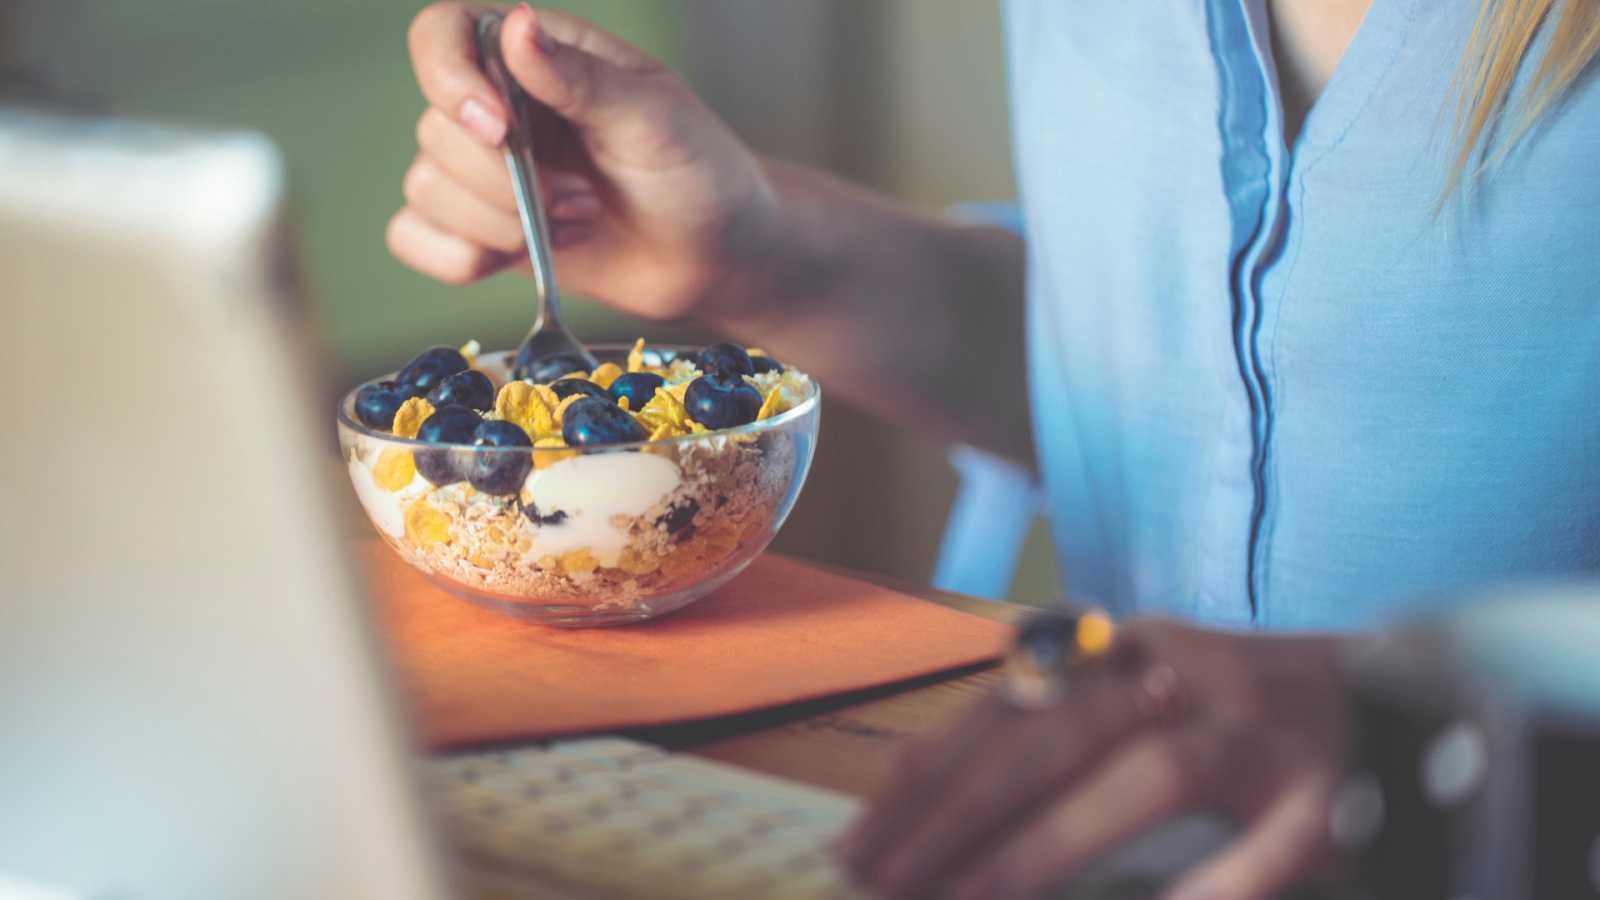 Teletrabajo: ¿Cómo controlar la ansiedad por la comida poco saludable?